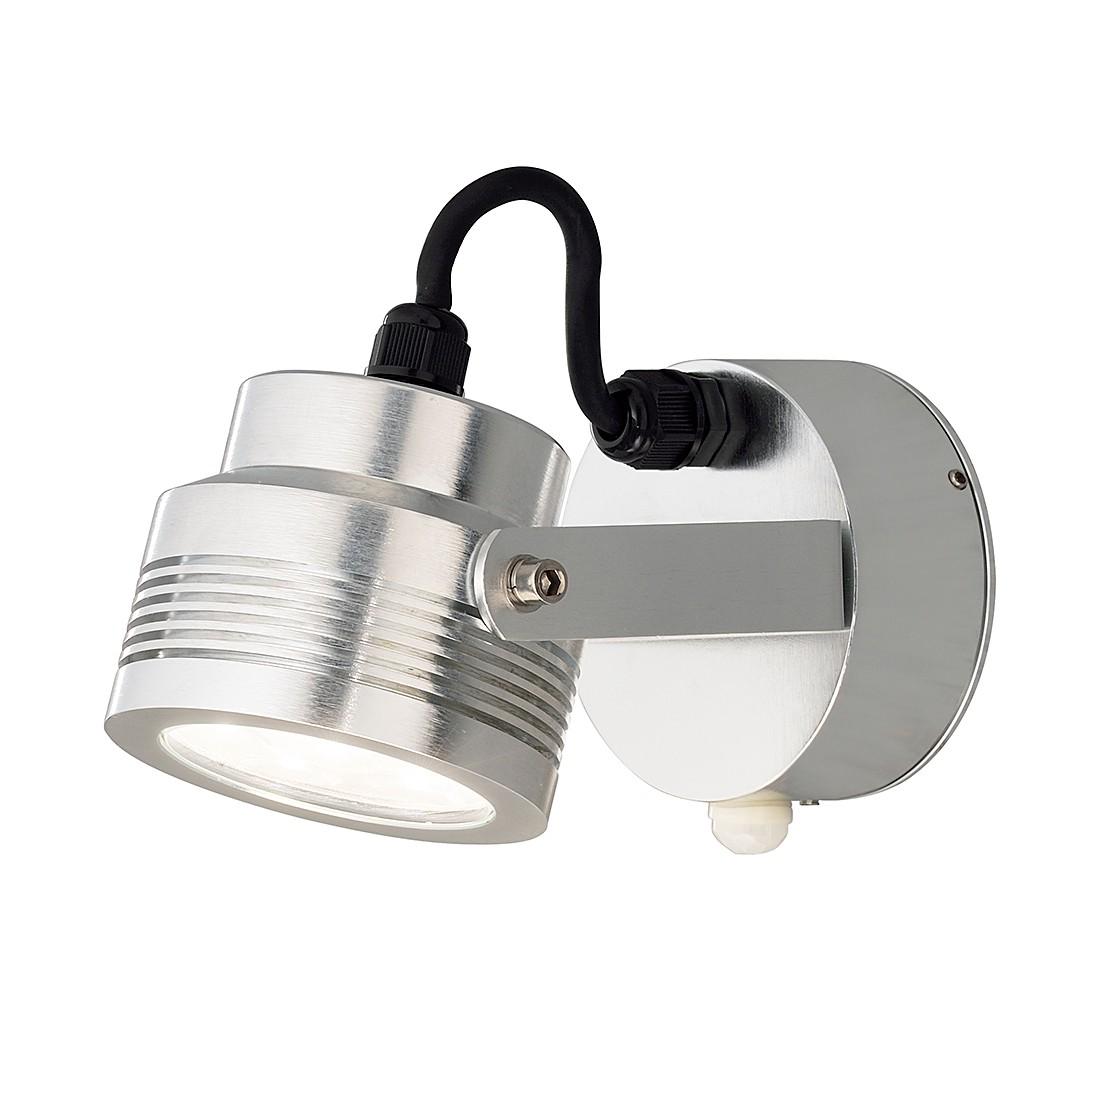 LED Wandleuchte Monza Big ● Aluminium ● 6-flammig- Konstsmide A+